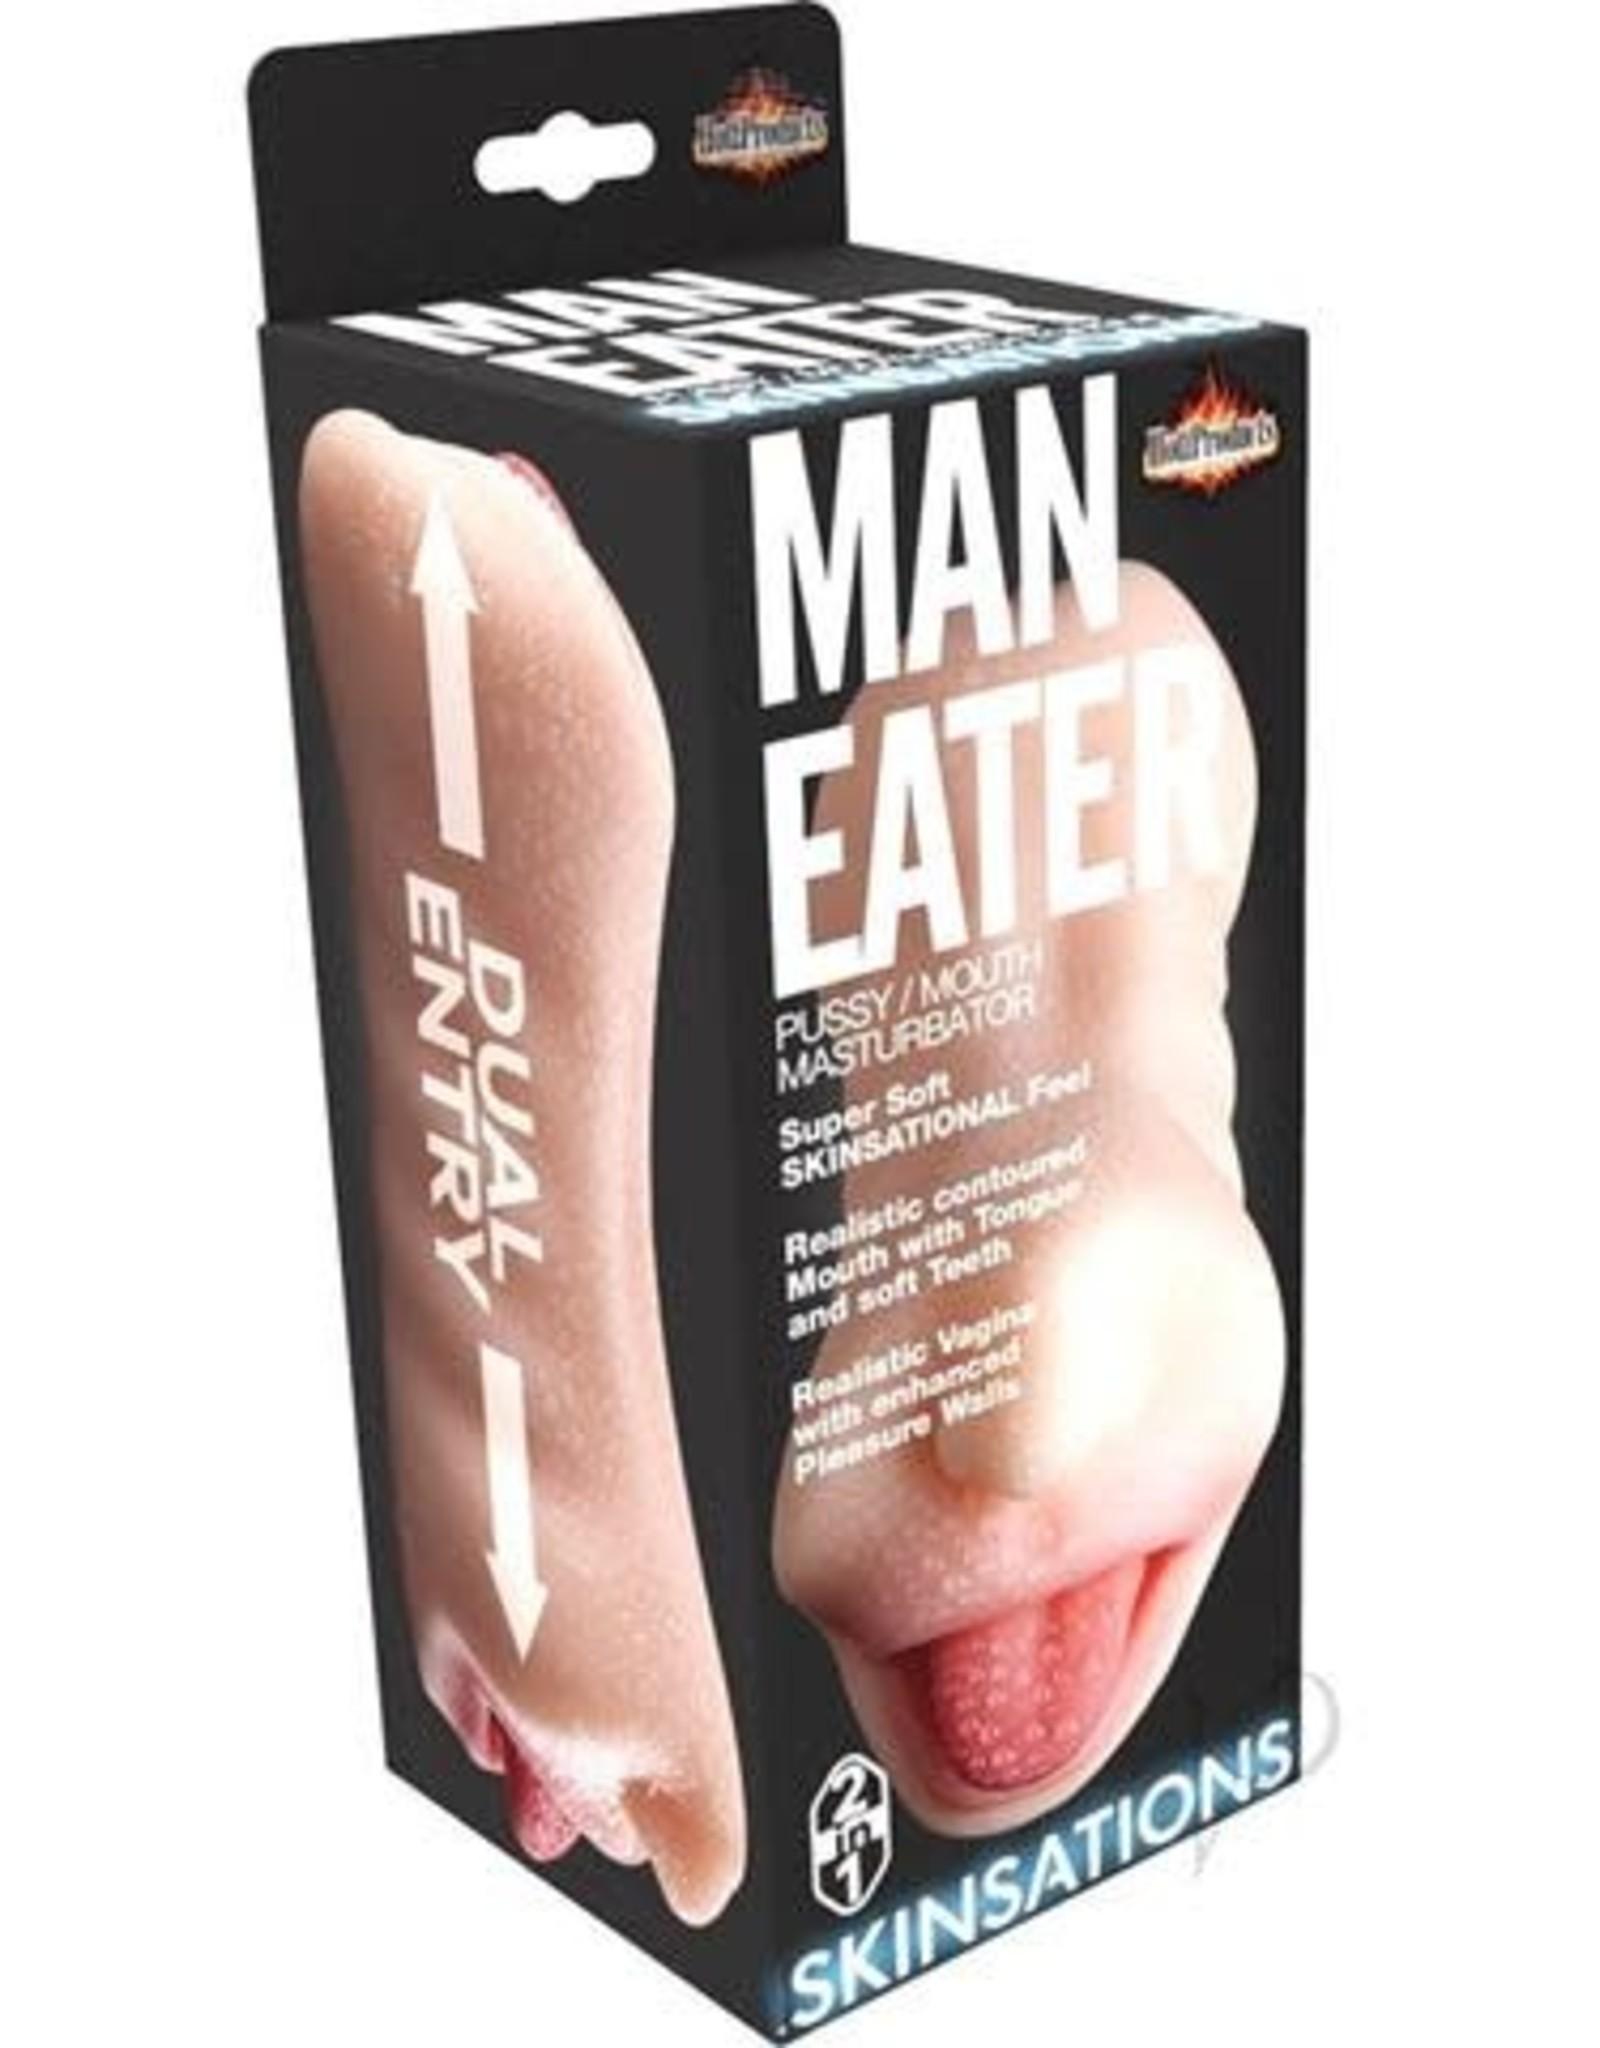 Man Eater - 2 in 1 Masturbator